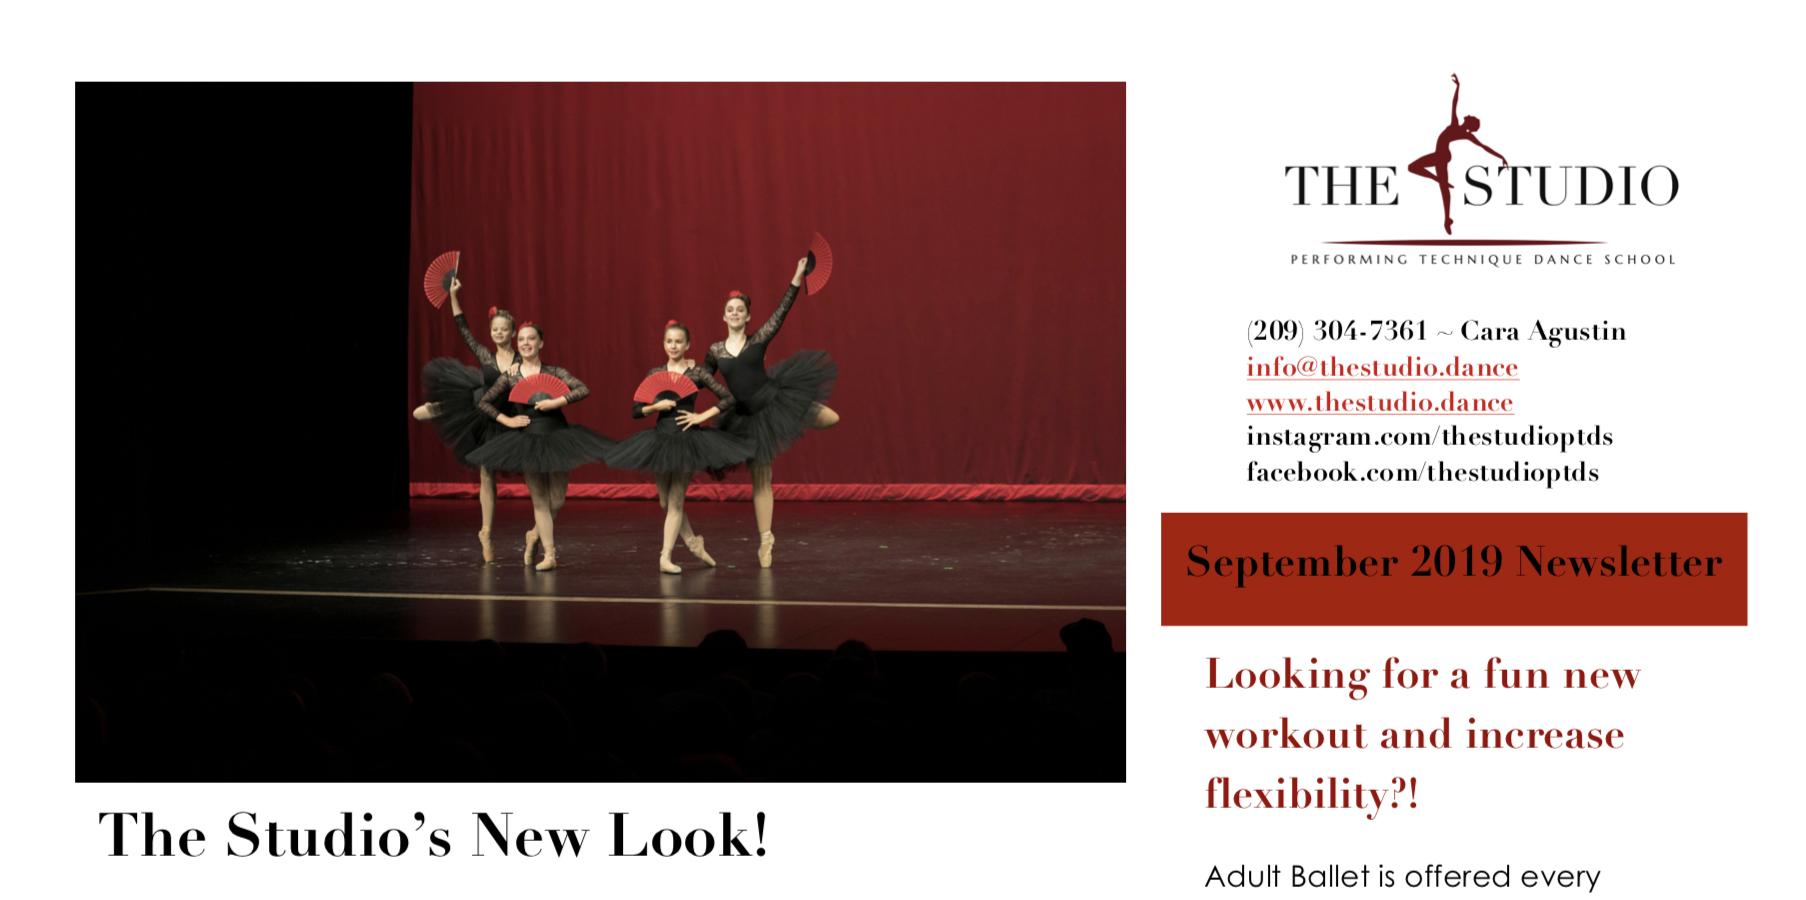 Click here to read the full September newsletter